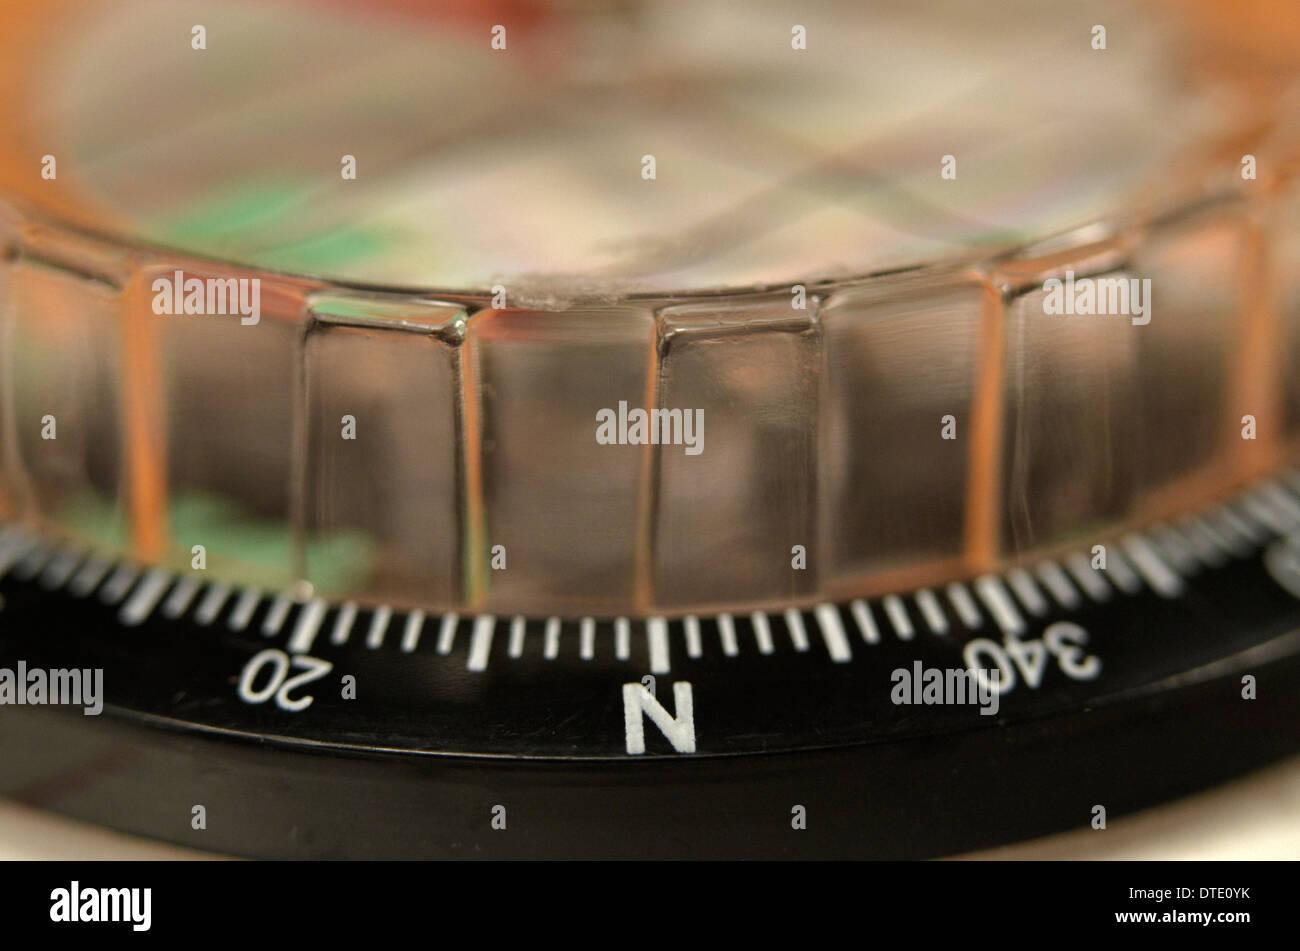 Capacità di sopravvivenza concetto - Close-up di compass rose segmento. Concetto di navigazione. Immagini Stock